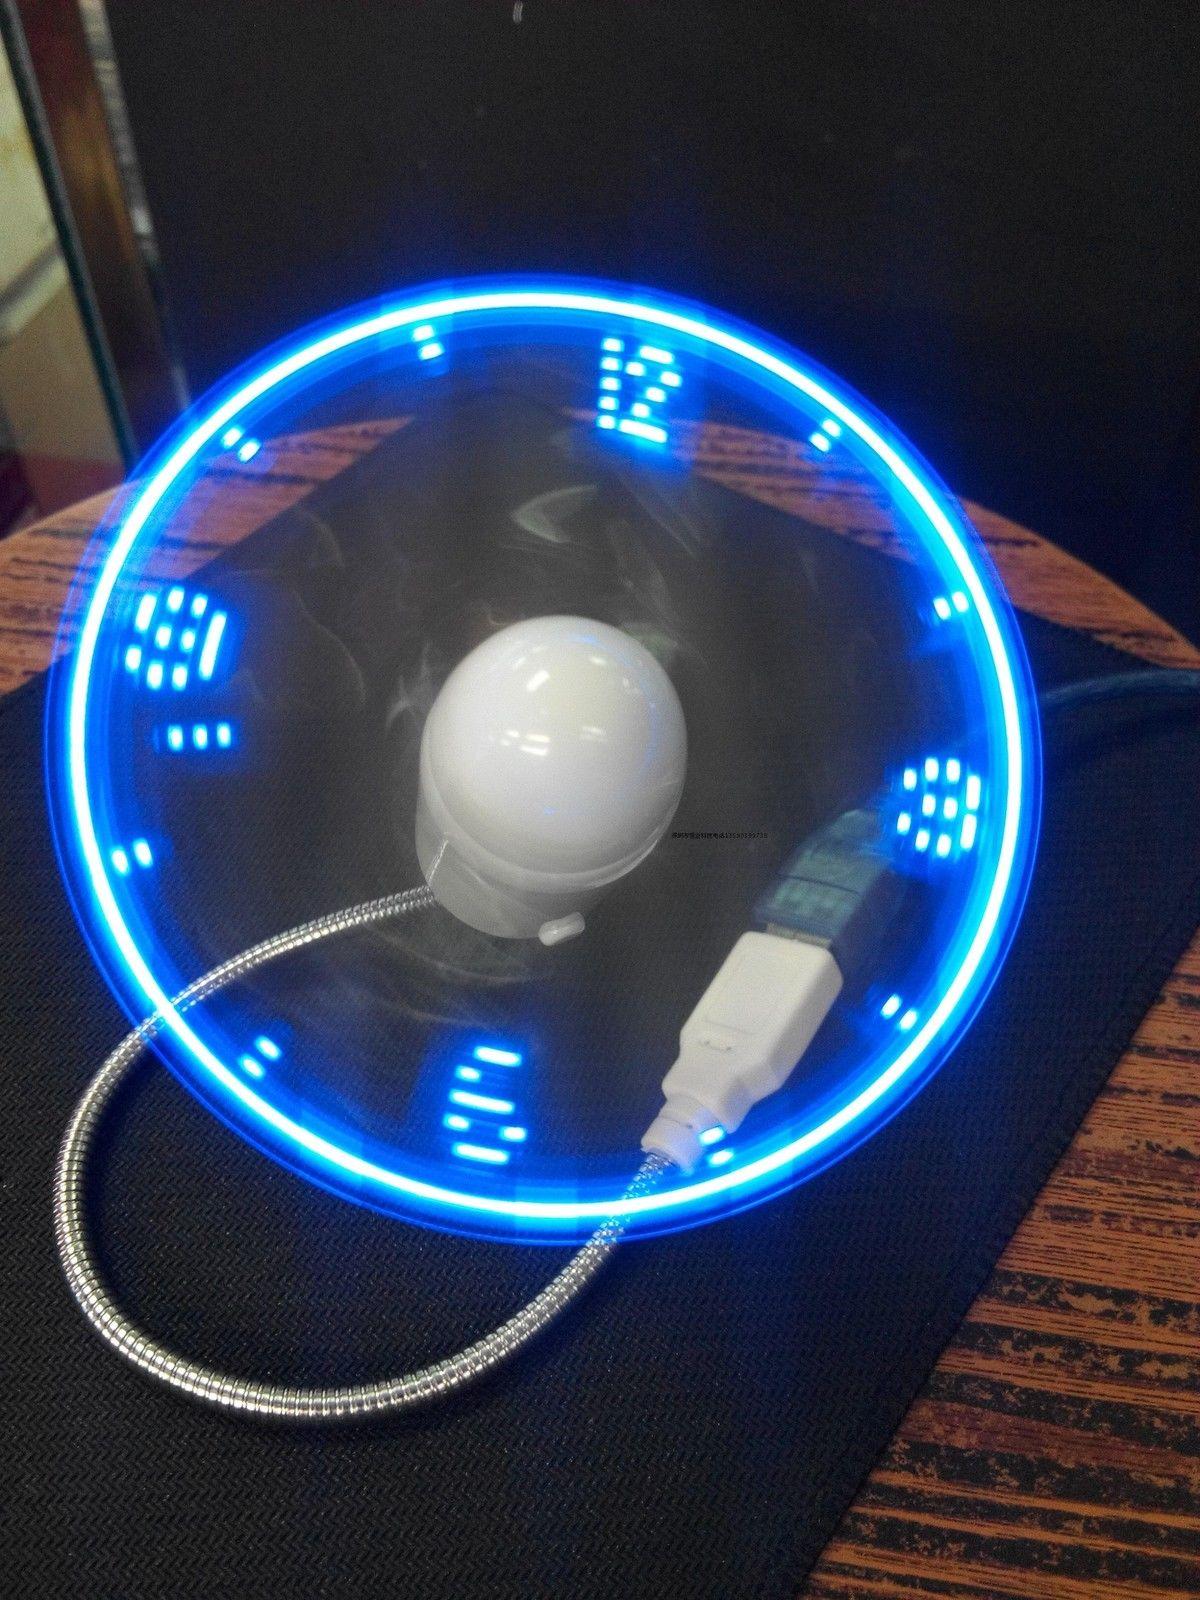 Blue New Durable Adjustable font b USB b font font b Gadget b font Mini Flexible